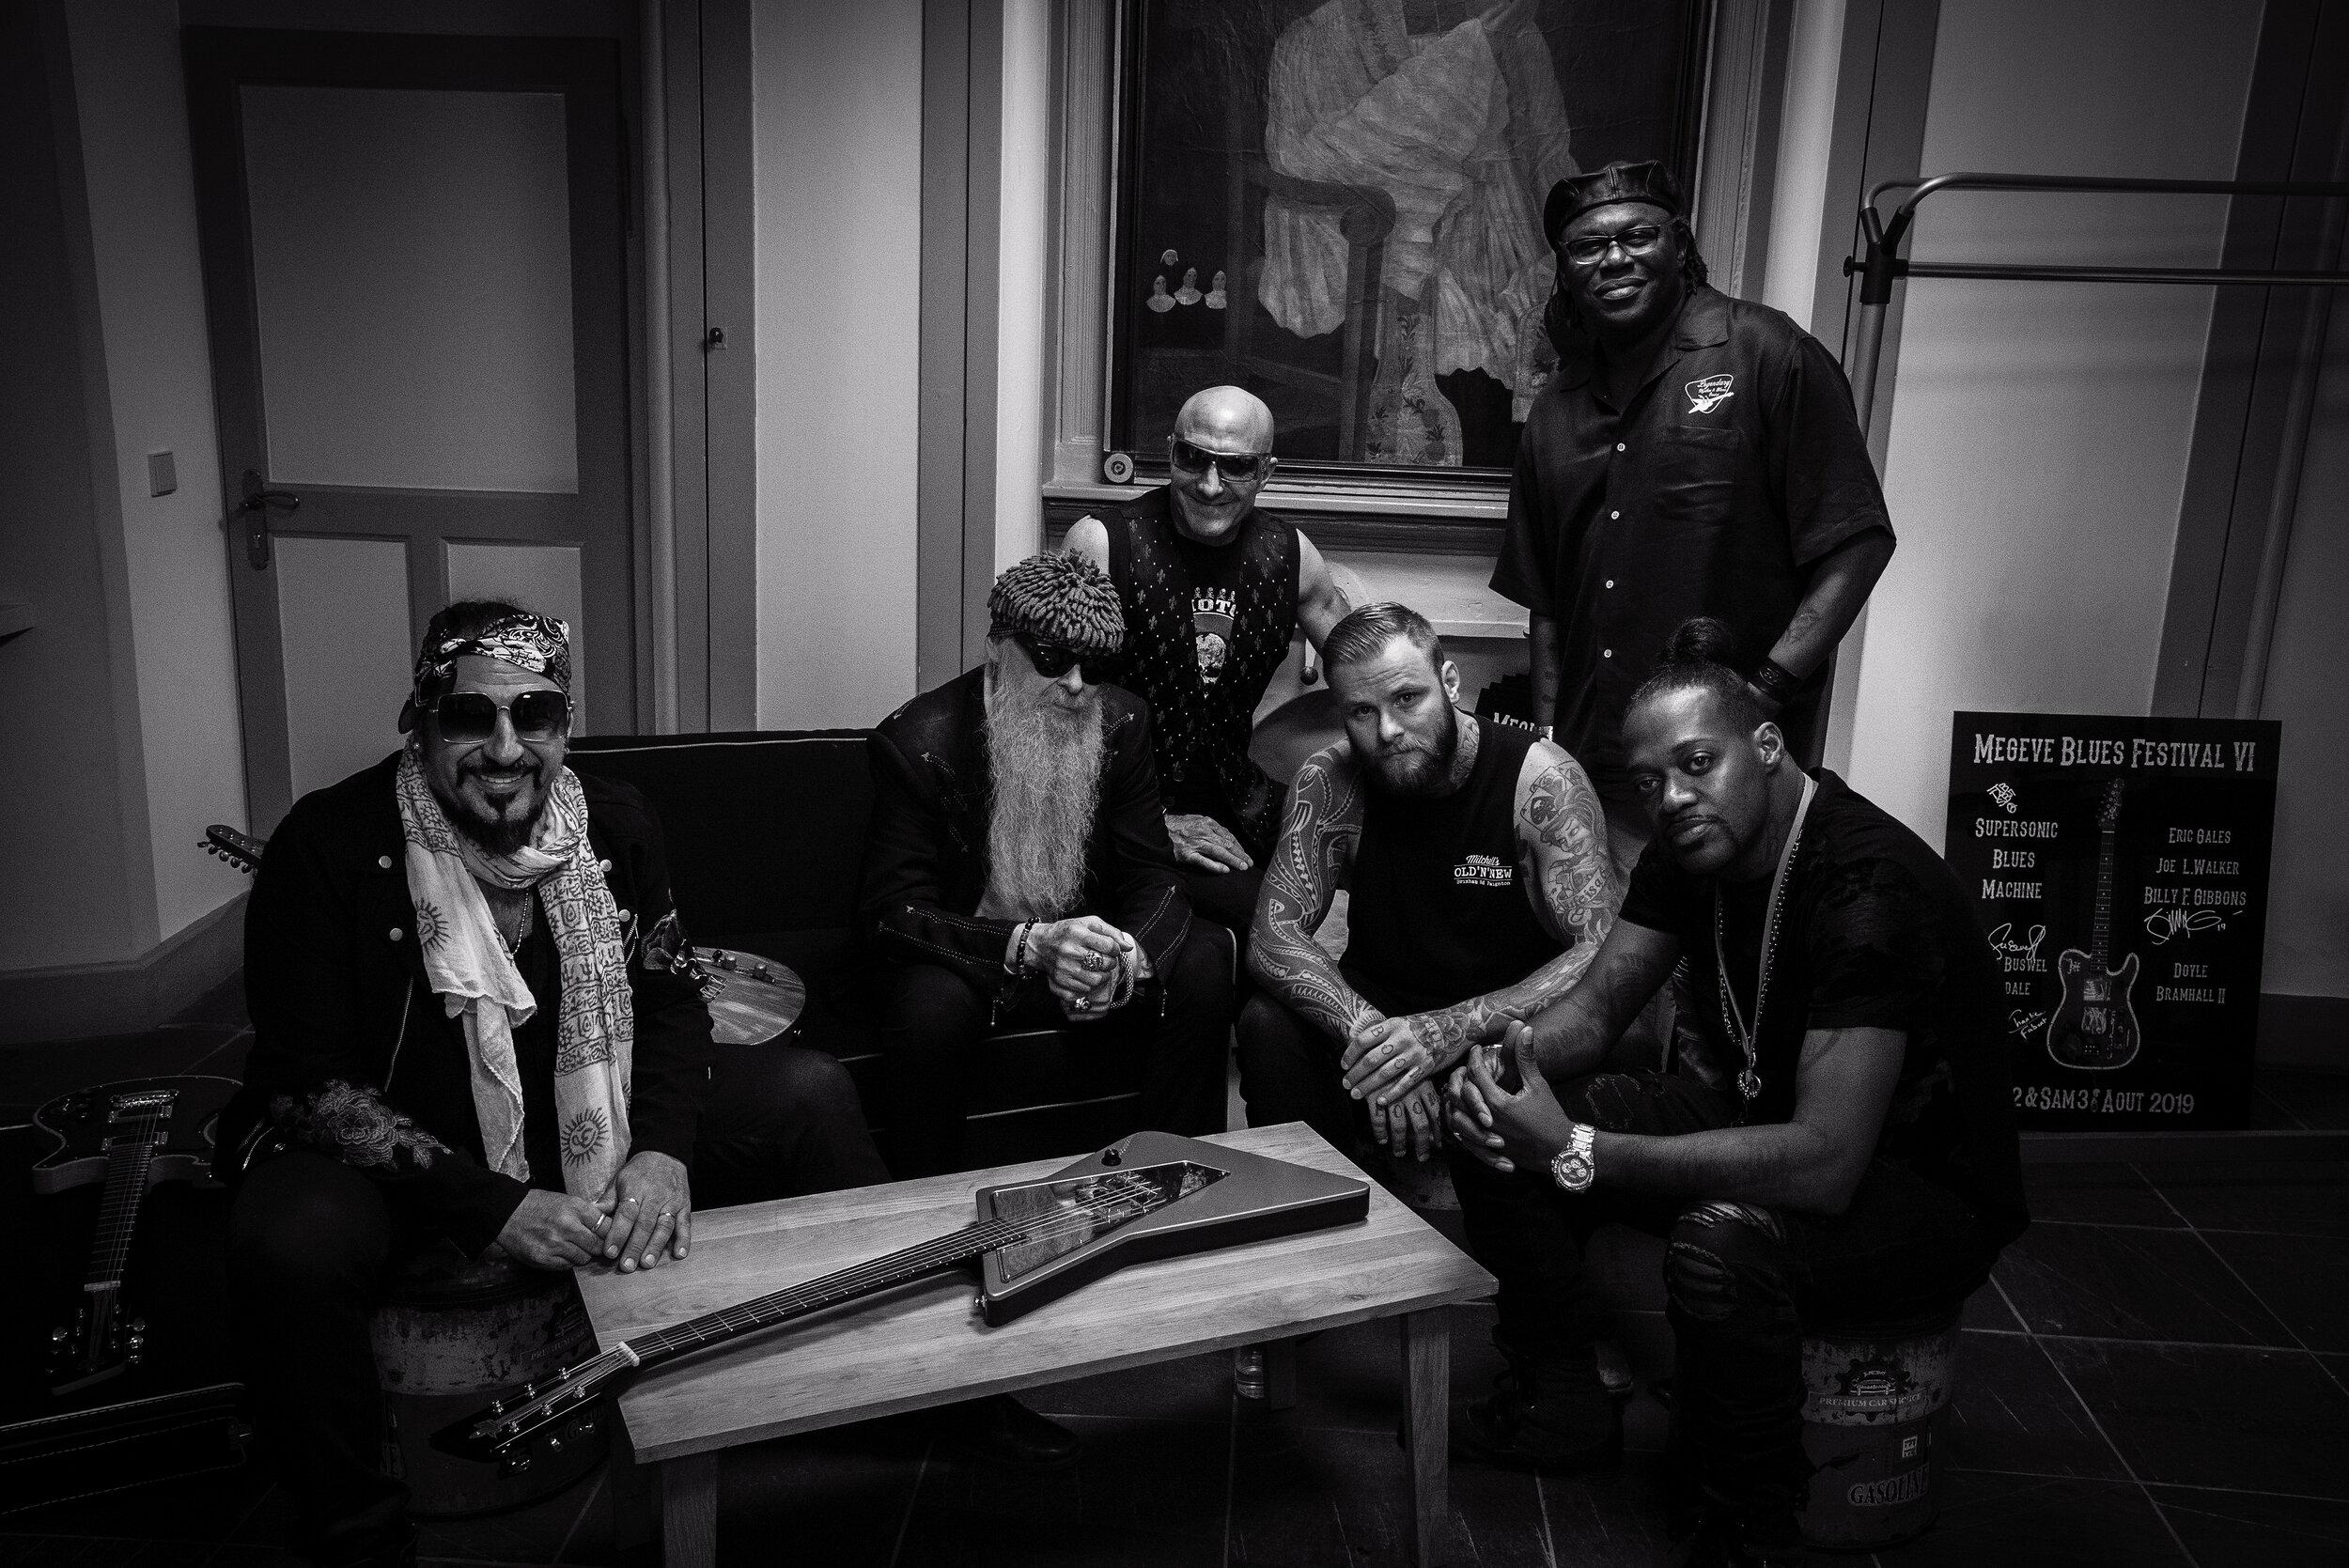 Supersonic Blues Machine con alcuni dei loro migliori amici Billy F Gibbons, Joe Louis Walker & amp;  Eric Gales, a Megève, FRANCIA 2019